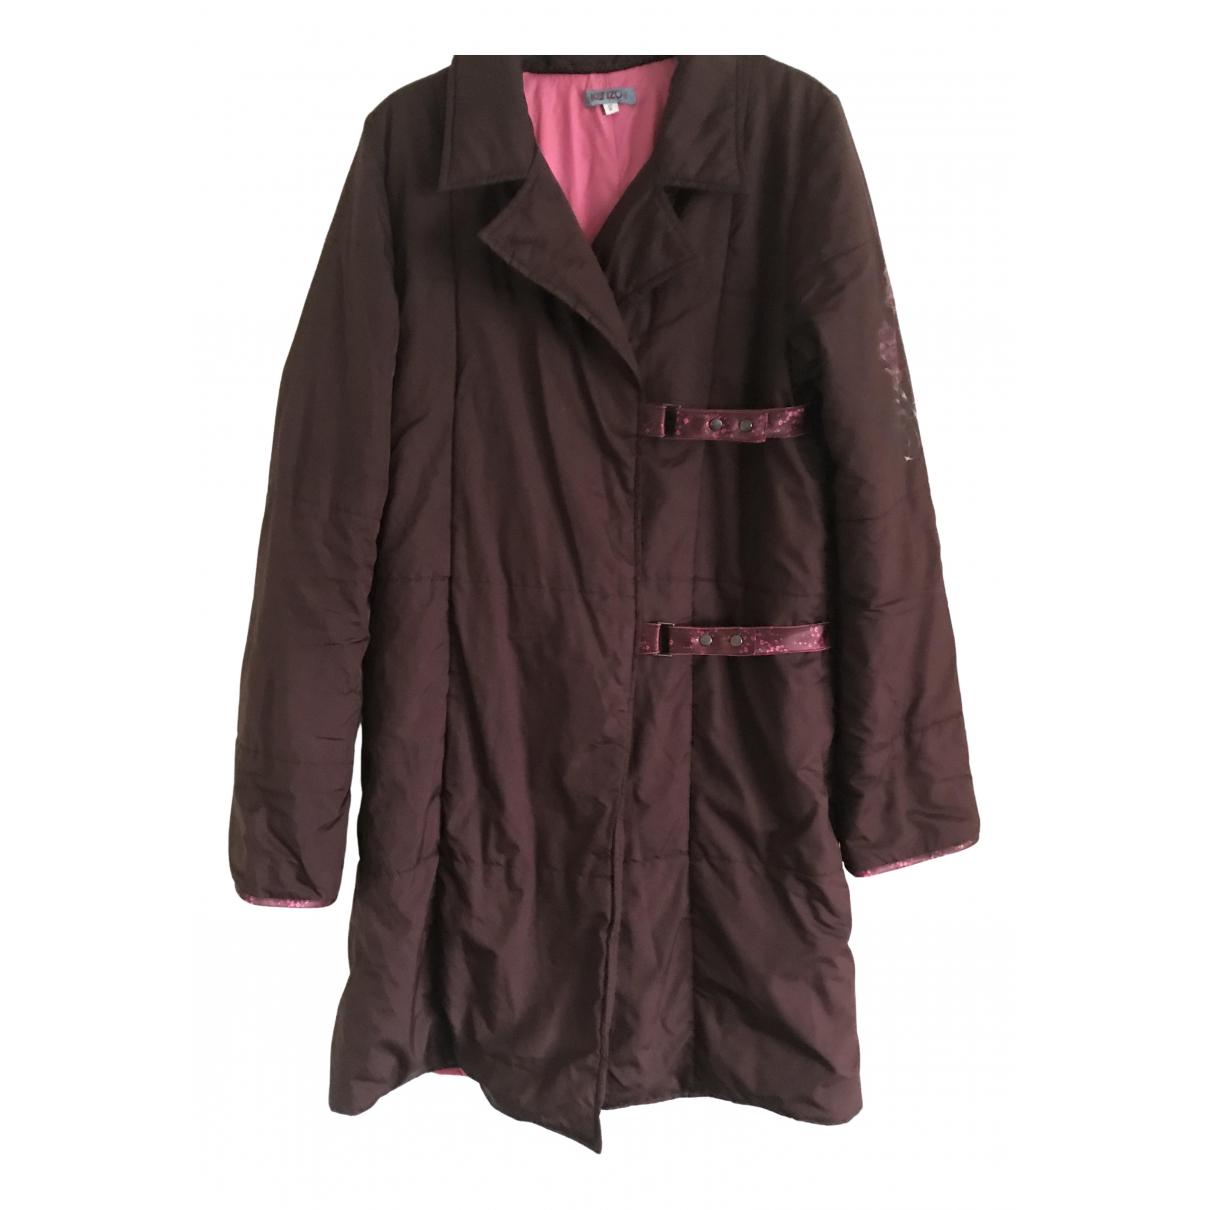 Kenzo \N Jacke, Maentel in  Bordeauxrot Polyester